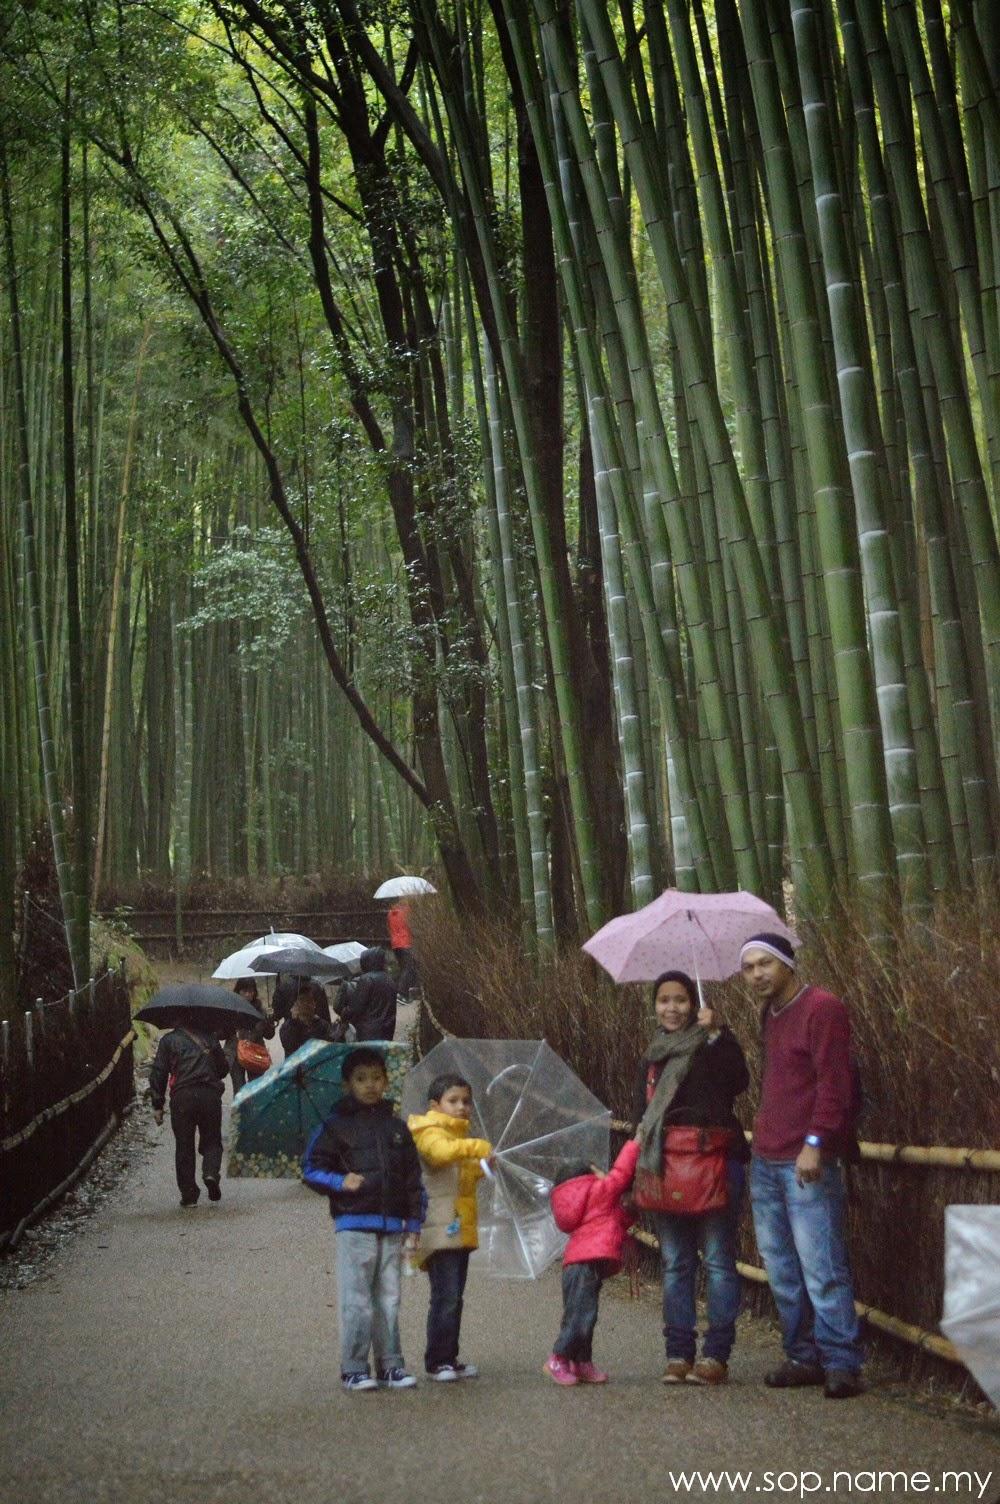 Jalan-jalan ke Osaka - Bahagian 3